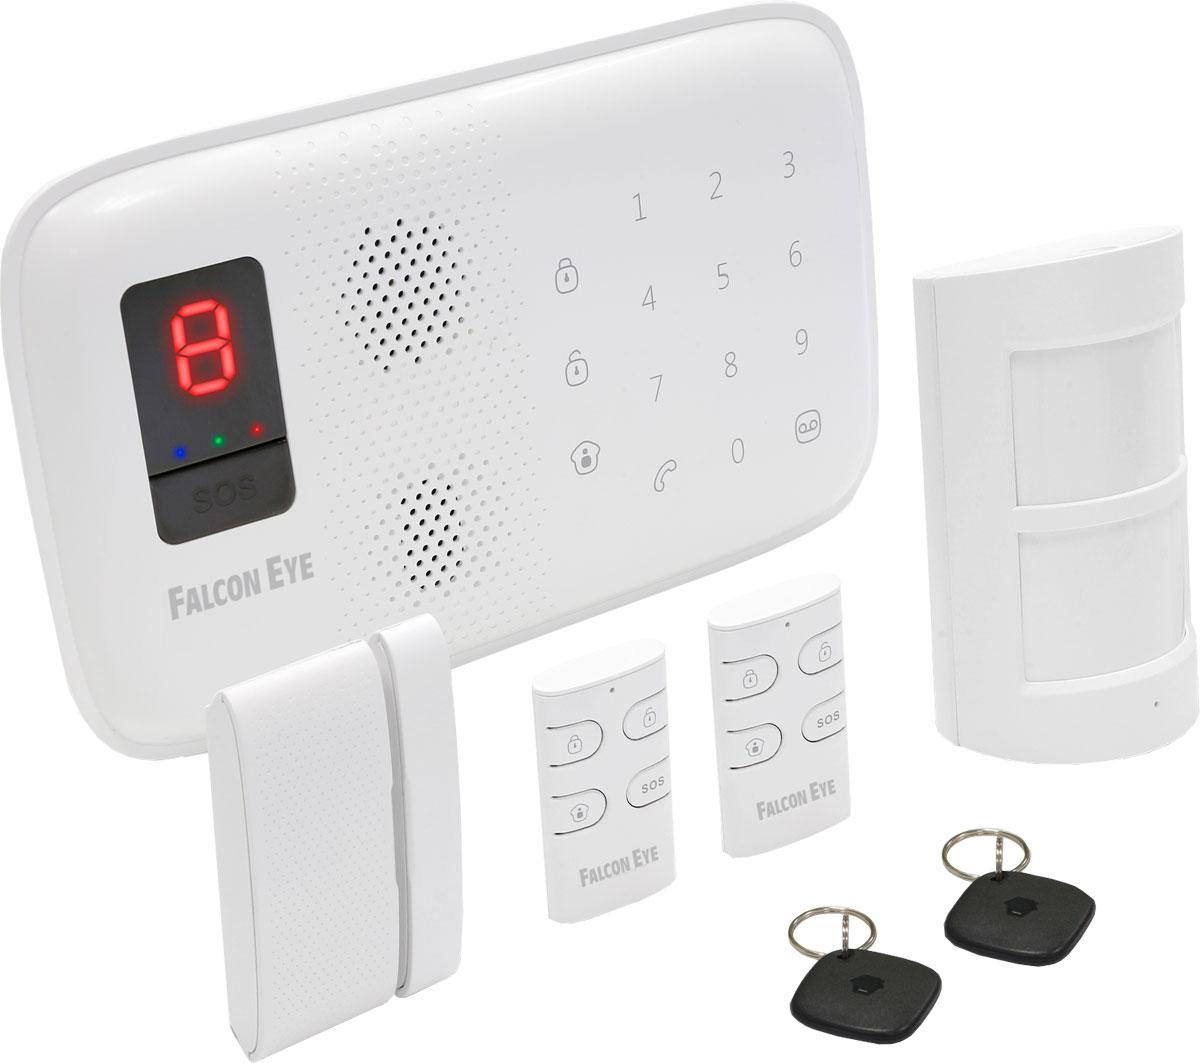 Falcon Eye FE MagicTouch комплект беспроводной GSM-сигнализацииFE MagicTouch КомплектКомплект беспроводной GSM сигнализации Falcon Eye Magic Touch отлично подойдет для квартиры, офиса и дачи. В стартовый комплект входит: контрольная панель со встроенной сиреной, считывателем RFID меток, ИК датчик движения, дверной магнитоконтакт, два брелока для дистанционного управления системой, две RFID метки. Все устройства уже запрограммированы в контрольной панели. Комплект можно расширить, приобретя дополнительно ИК датчики, магнитоконтакты, брелоки, и дополнительную сирену.До 50 беспроводных датчиковДо 10 пультов дистанционного управленияДо 50 RFID карт пользователейGSM коммуникатор нового поколения с повышенным классом передачи данныхПостановка или снятие системы с охраны путем отправки SMS, телефонным звонком или с помощью брелокаПередача тревожных сообщений на 5 телефонных номеров1 номер быстрого набораSMS предупреждение о потере питания, восстановления питания и низком заряде батареиФункция управления дверным замкомДистанционный аудиоконтроль системы через телефонВстроенная сиренаВремя автономной работы: до 8 часов